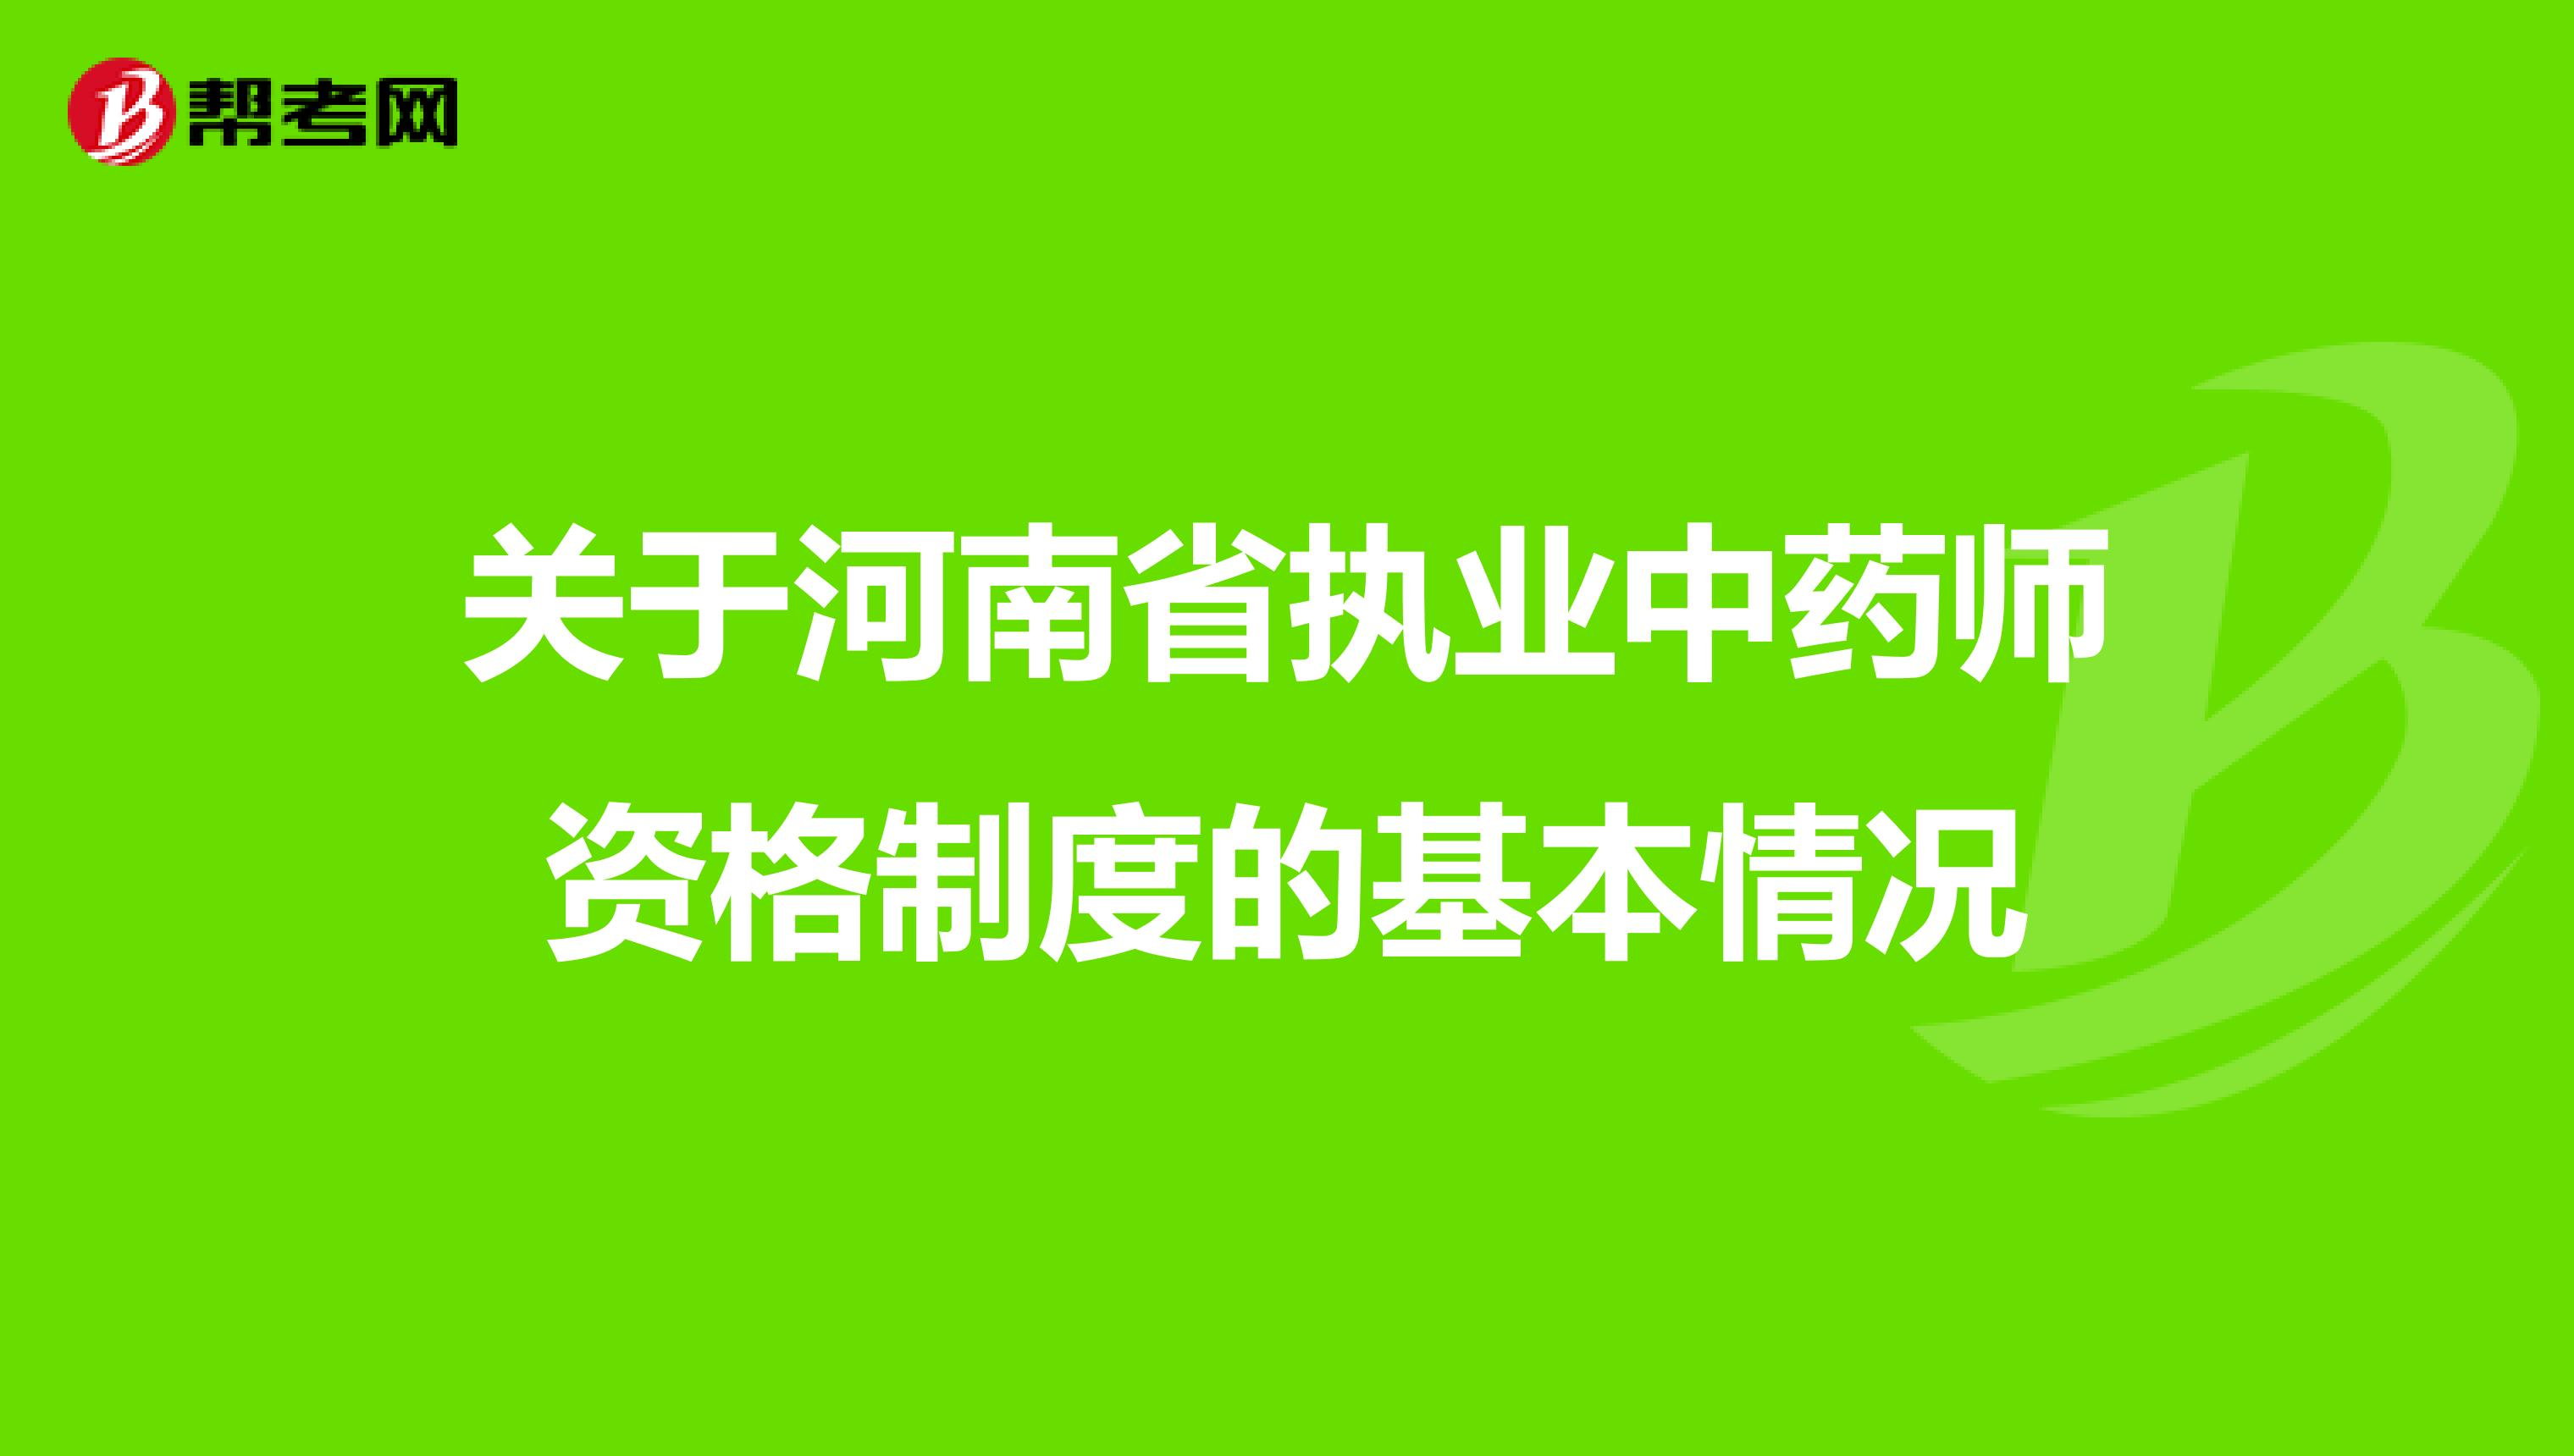 關于河南省執業中藥師資格制度的基本情況